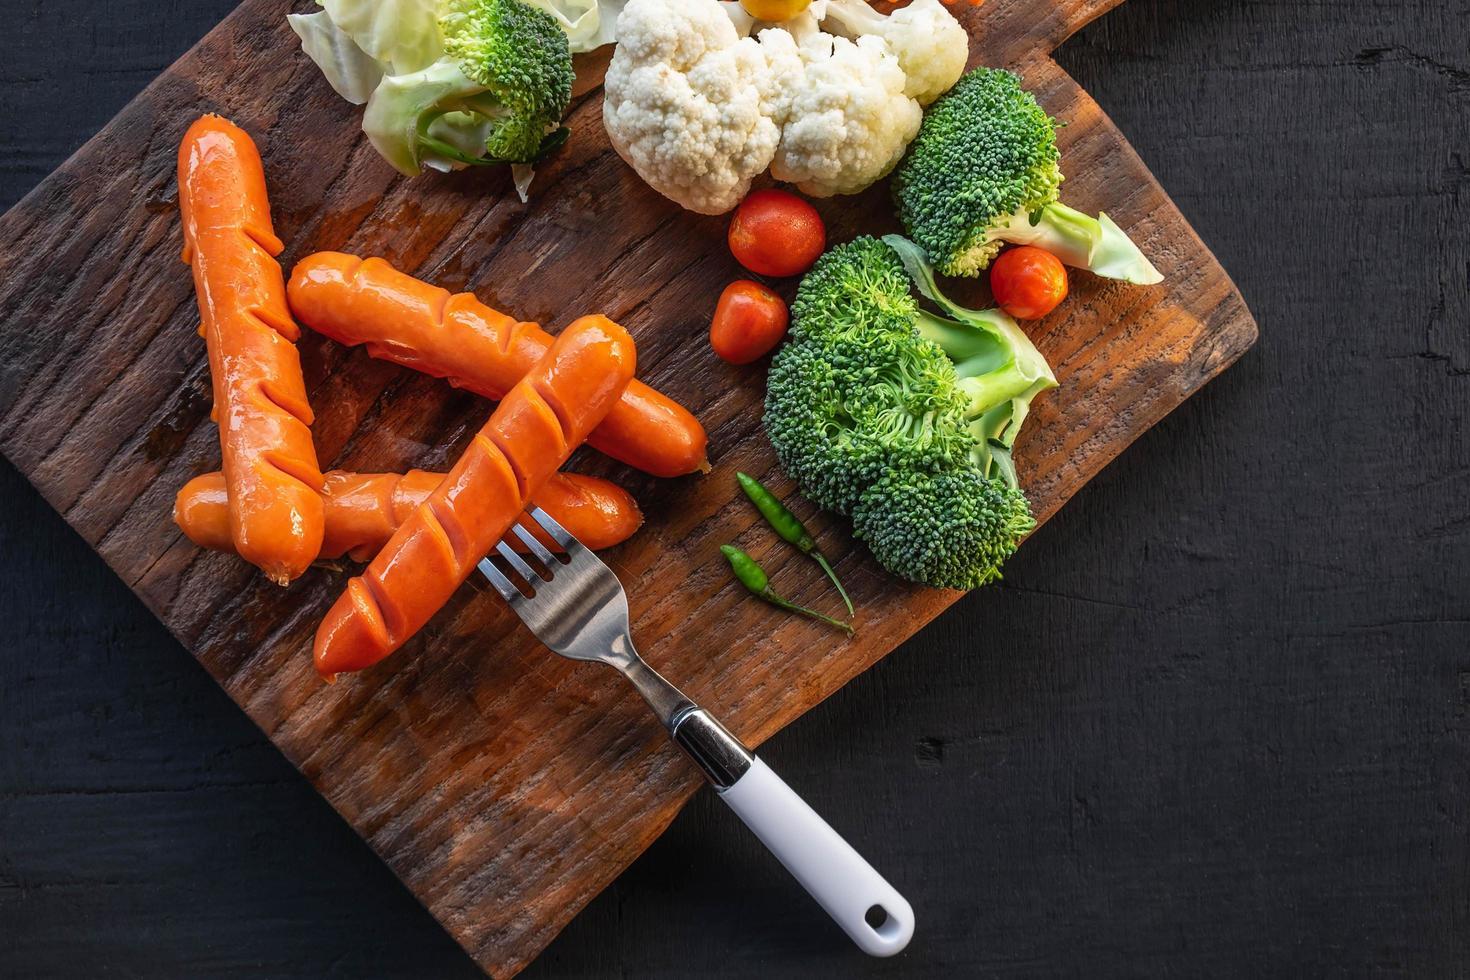 snijplank met groenten foto